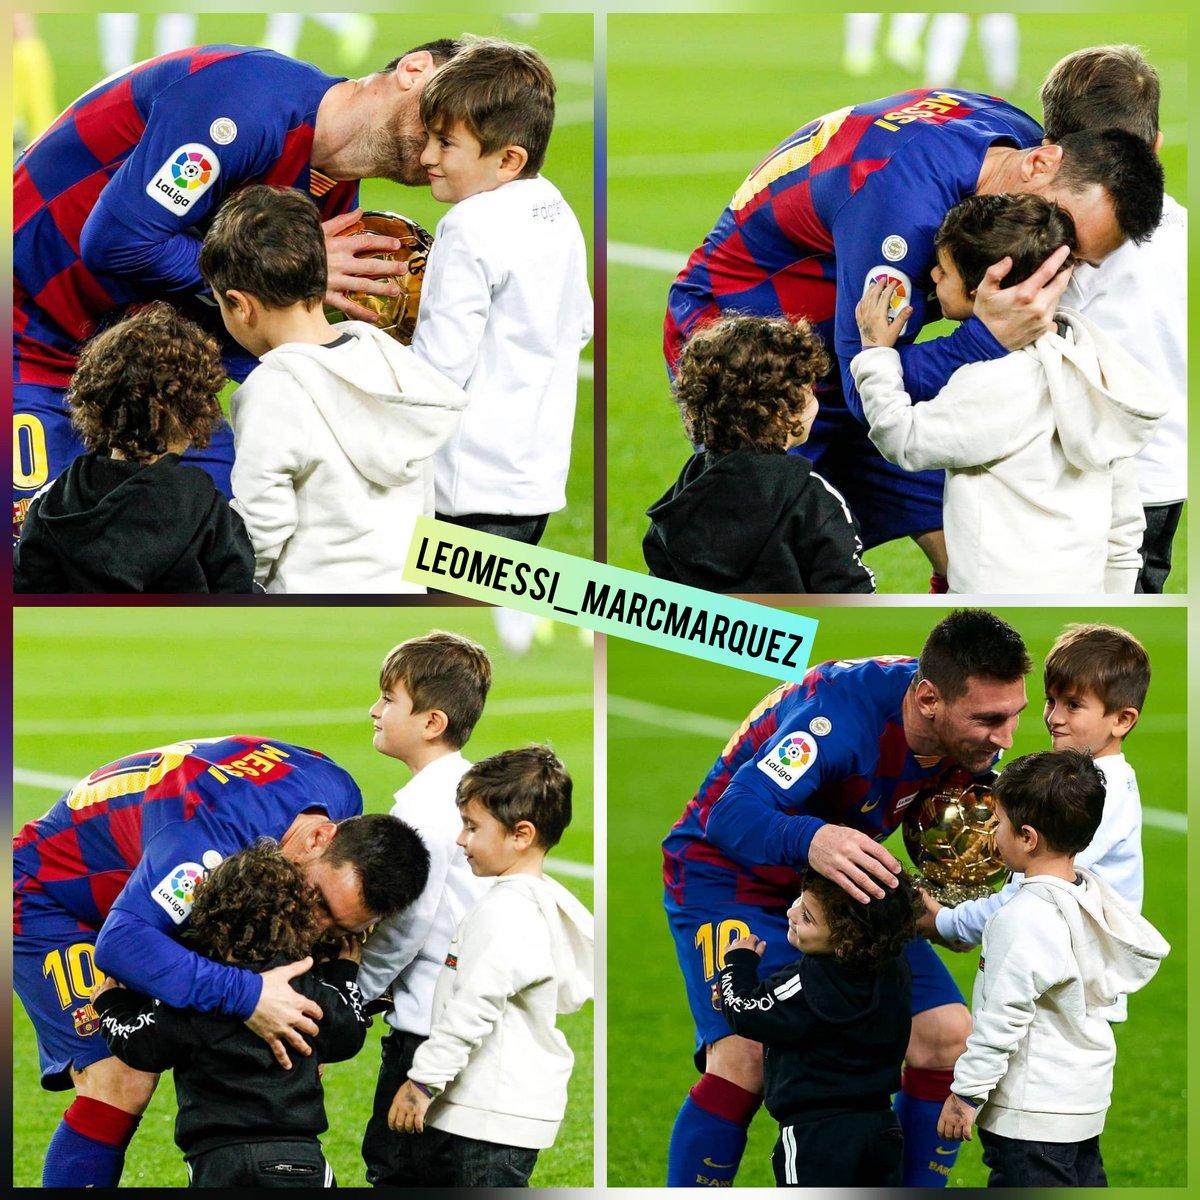 Good morning 😘❤🥰 #Messi 💙❤